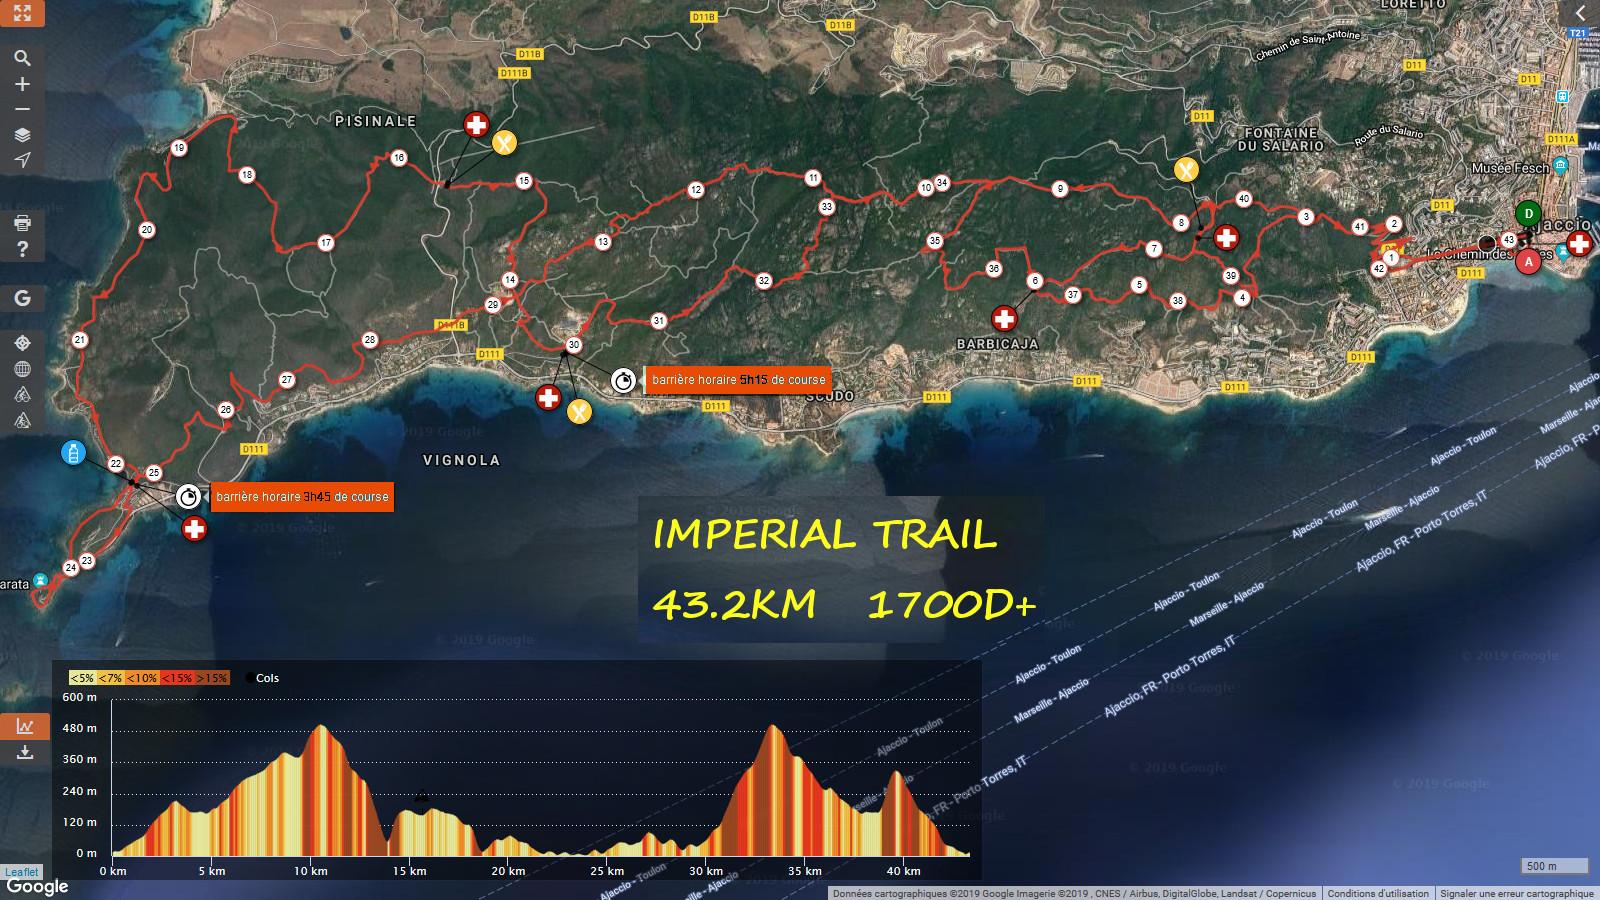 Parcours Trail Imperial (43 km) Détaillé (Maj 01/03/2019)